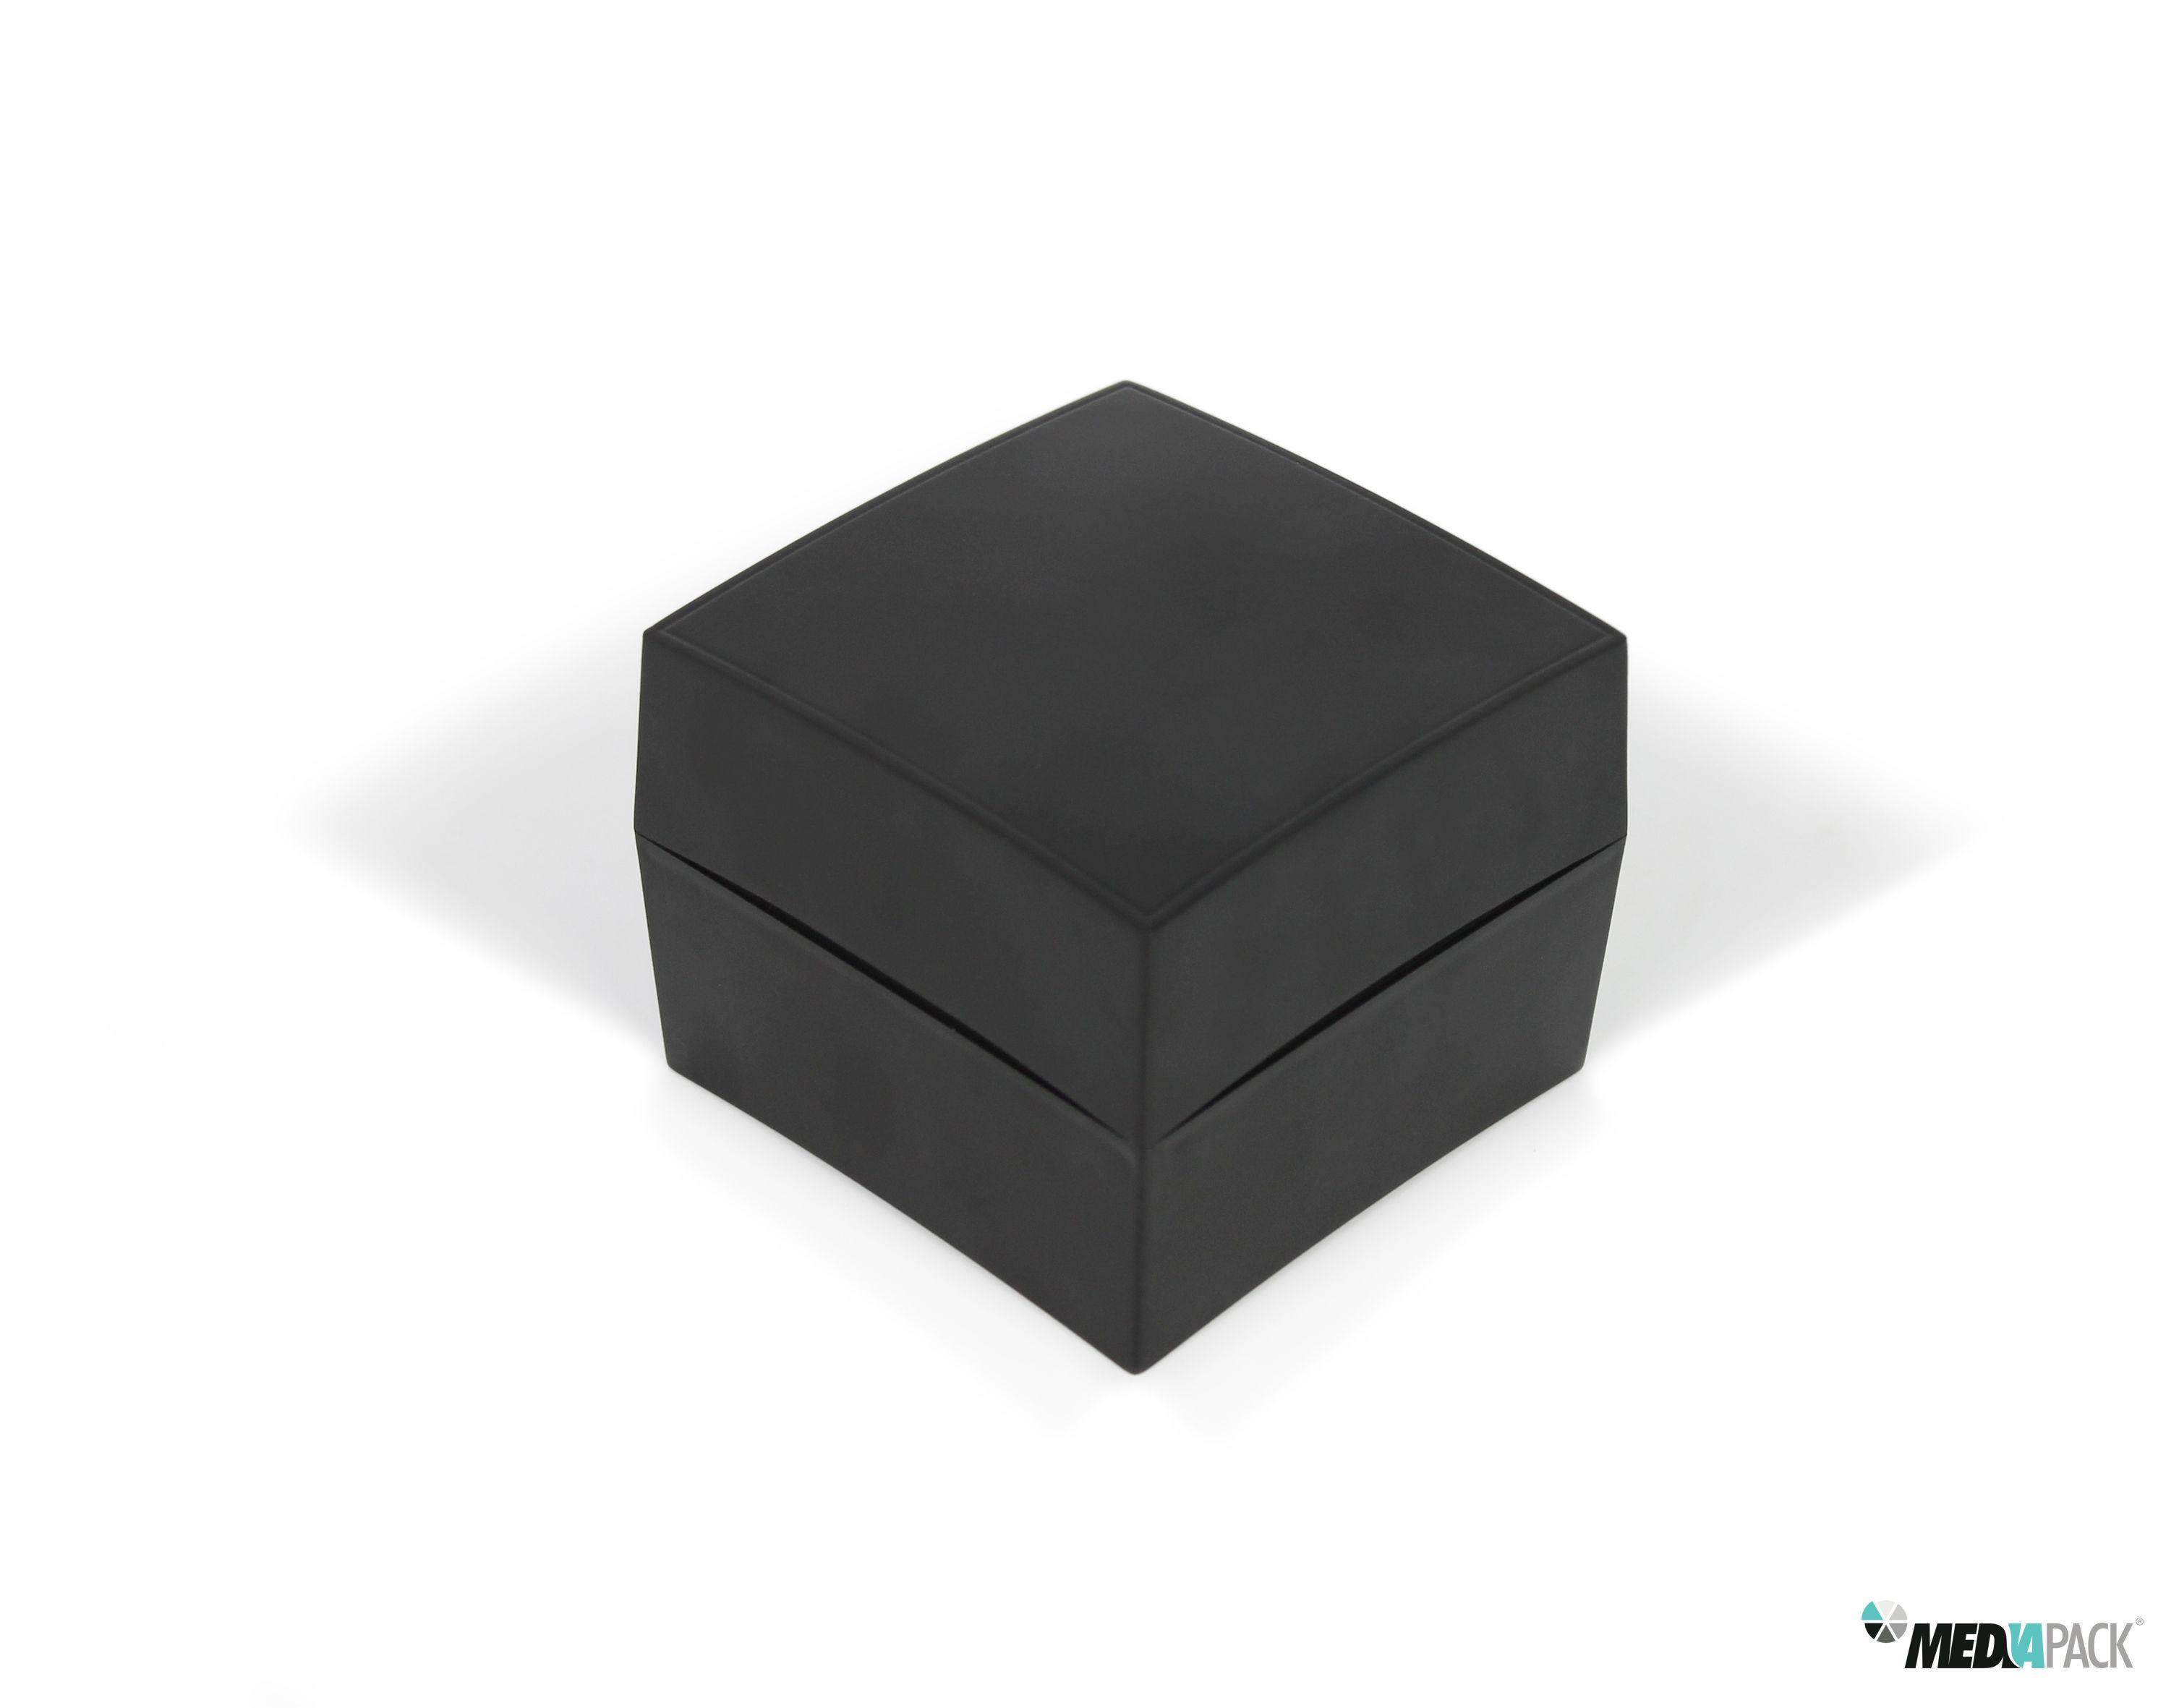 Caja negra de plástico con esponja dentro para colocar un reloj. #envase #plastico